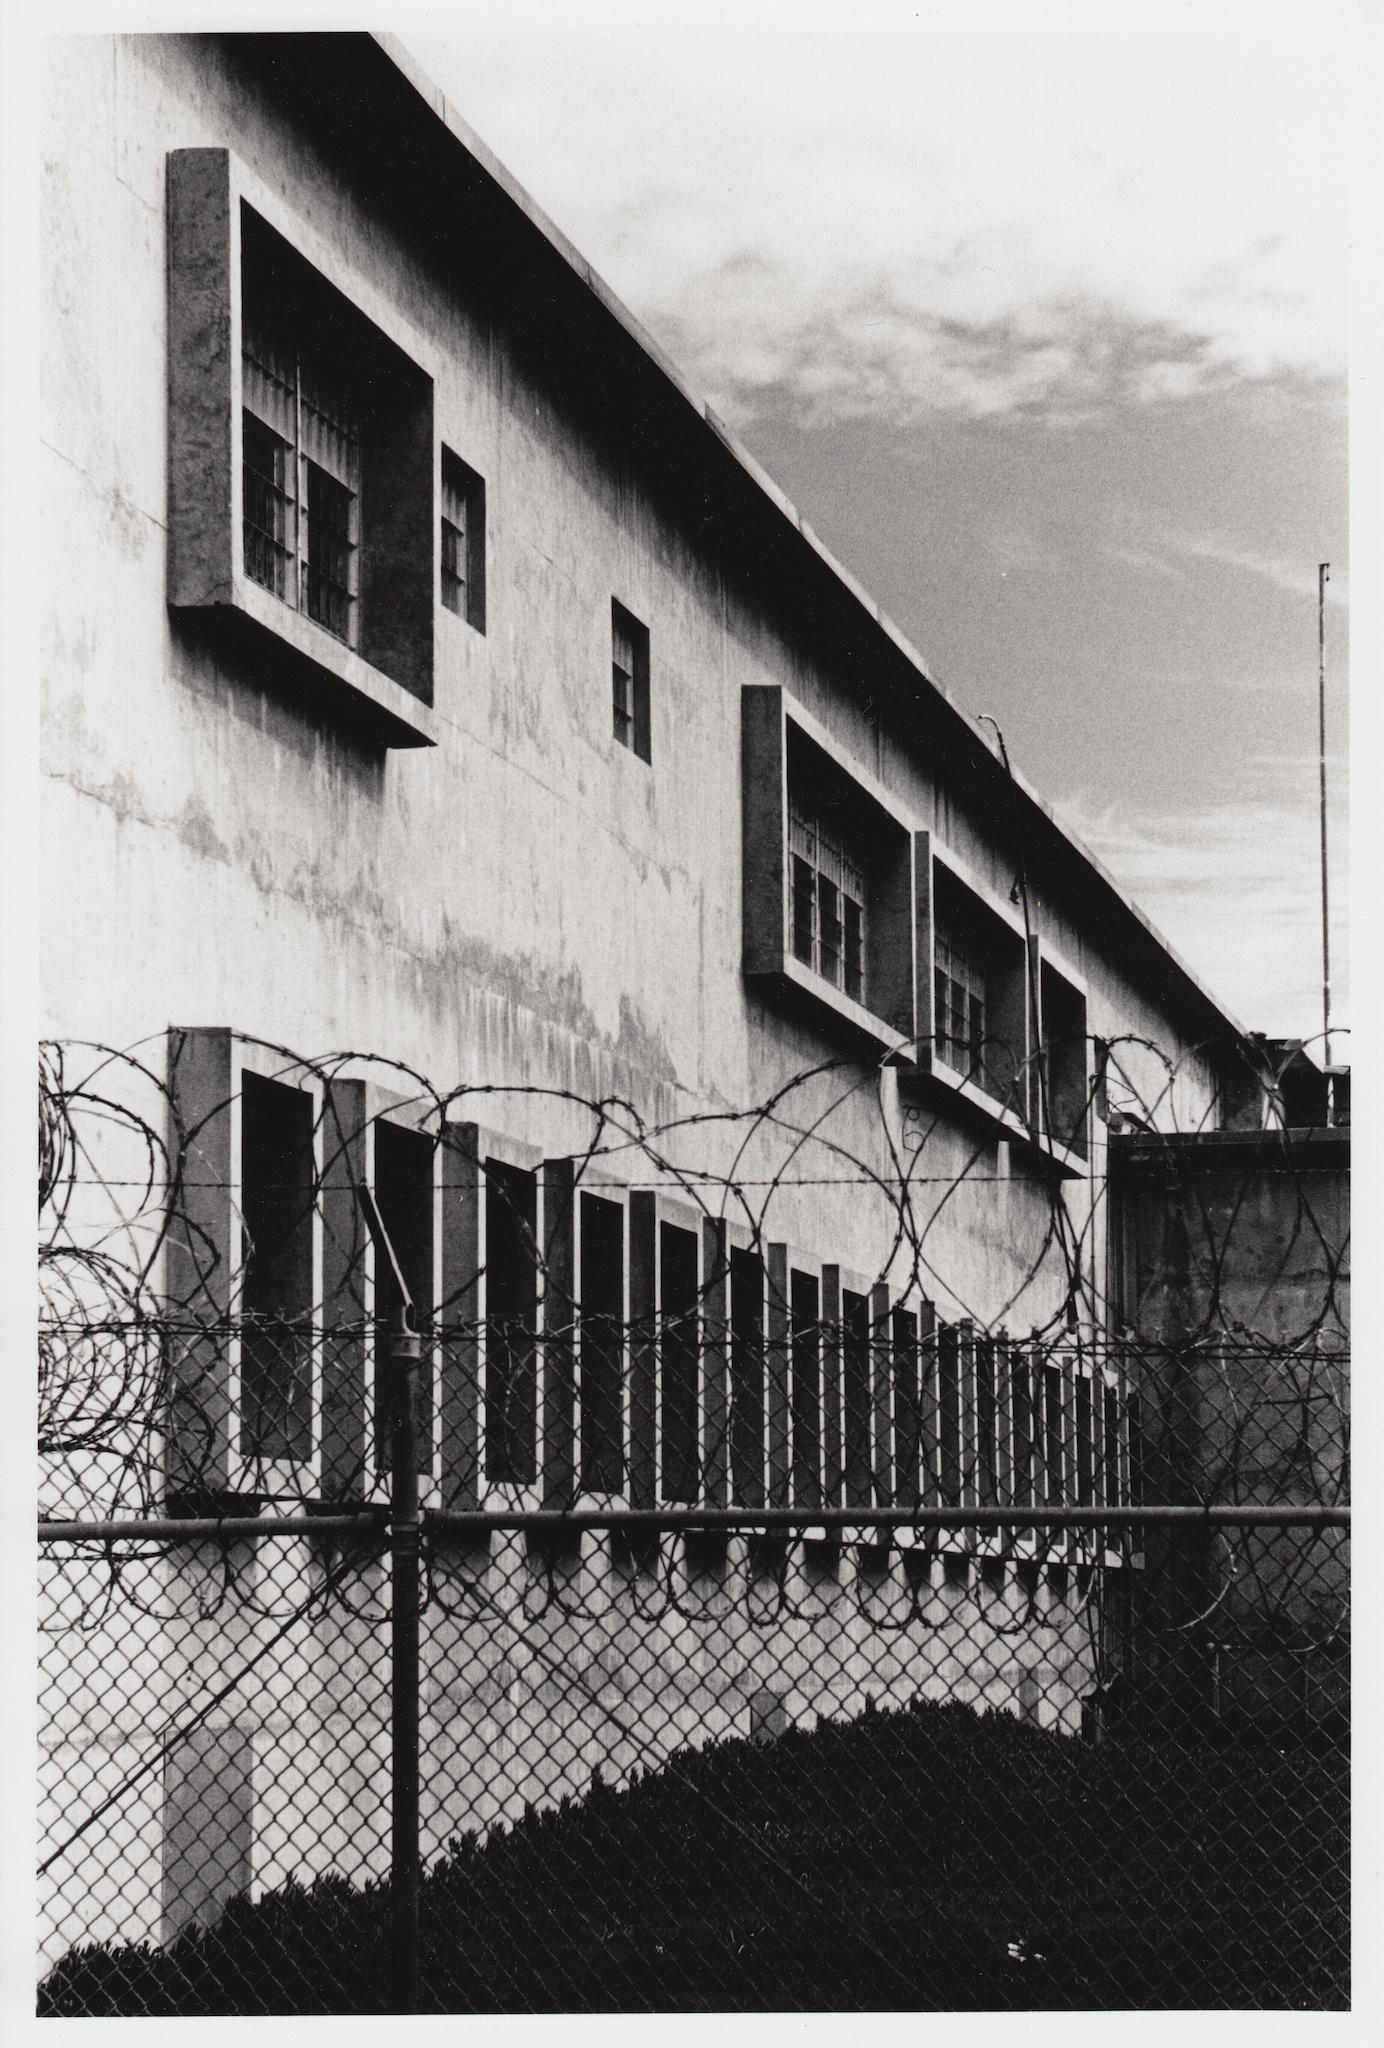 Ord Prison